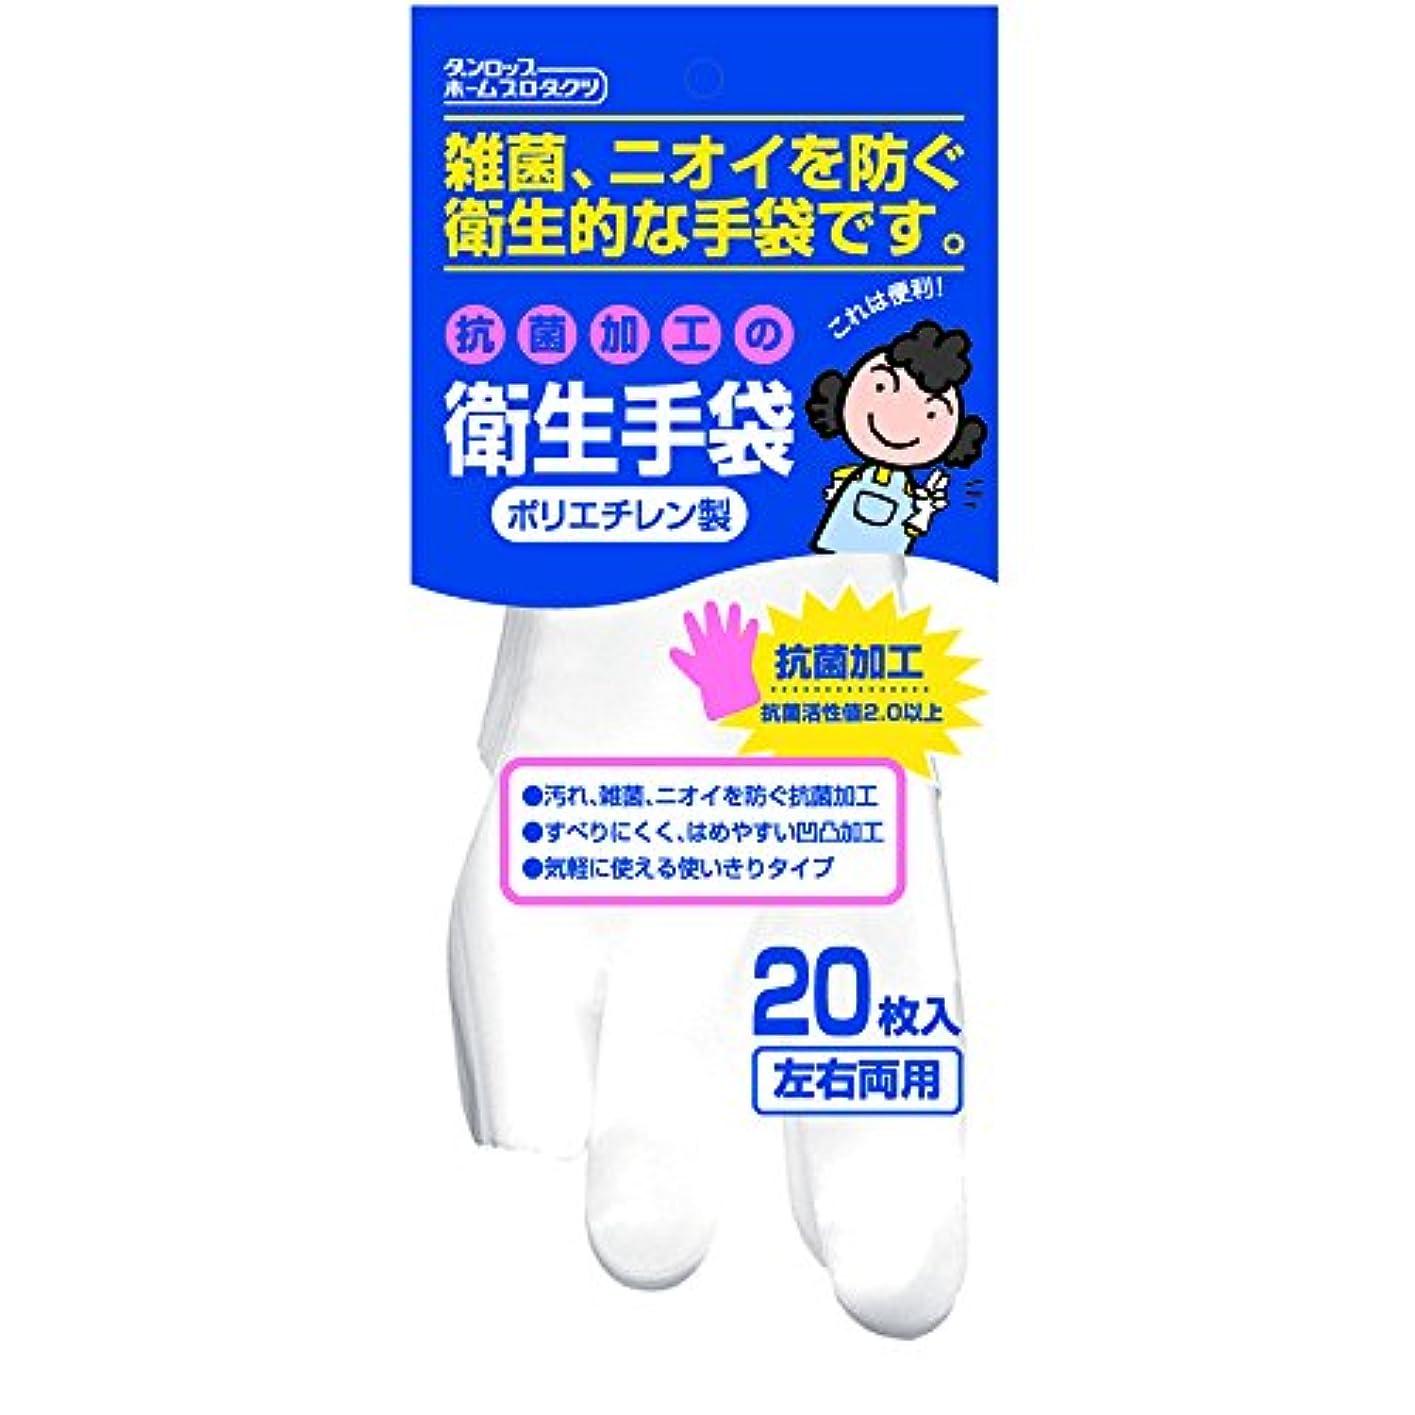 マイルドぼんやりした毎回ダンロップ ホームプロダクツ ビニール手袋 ポリエチレン 衛生 抗菌 クリア フリー 雑菌 ニオイを防ぐ衛生的な手袋  20枚入